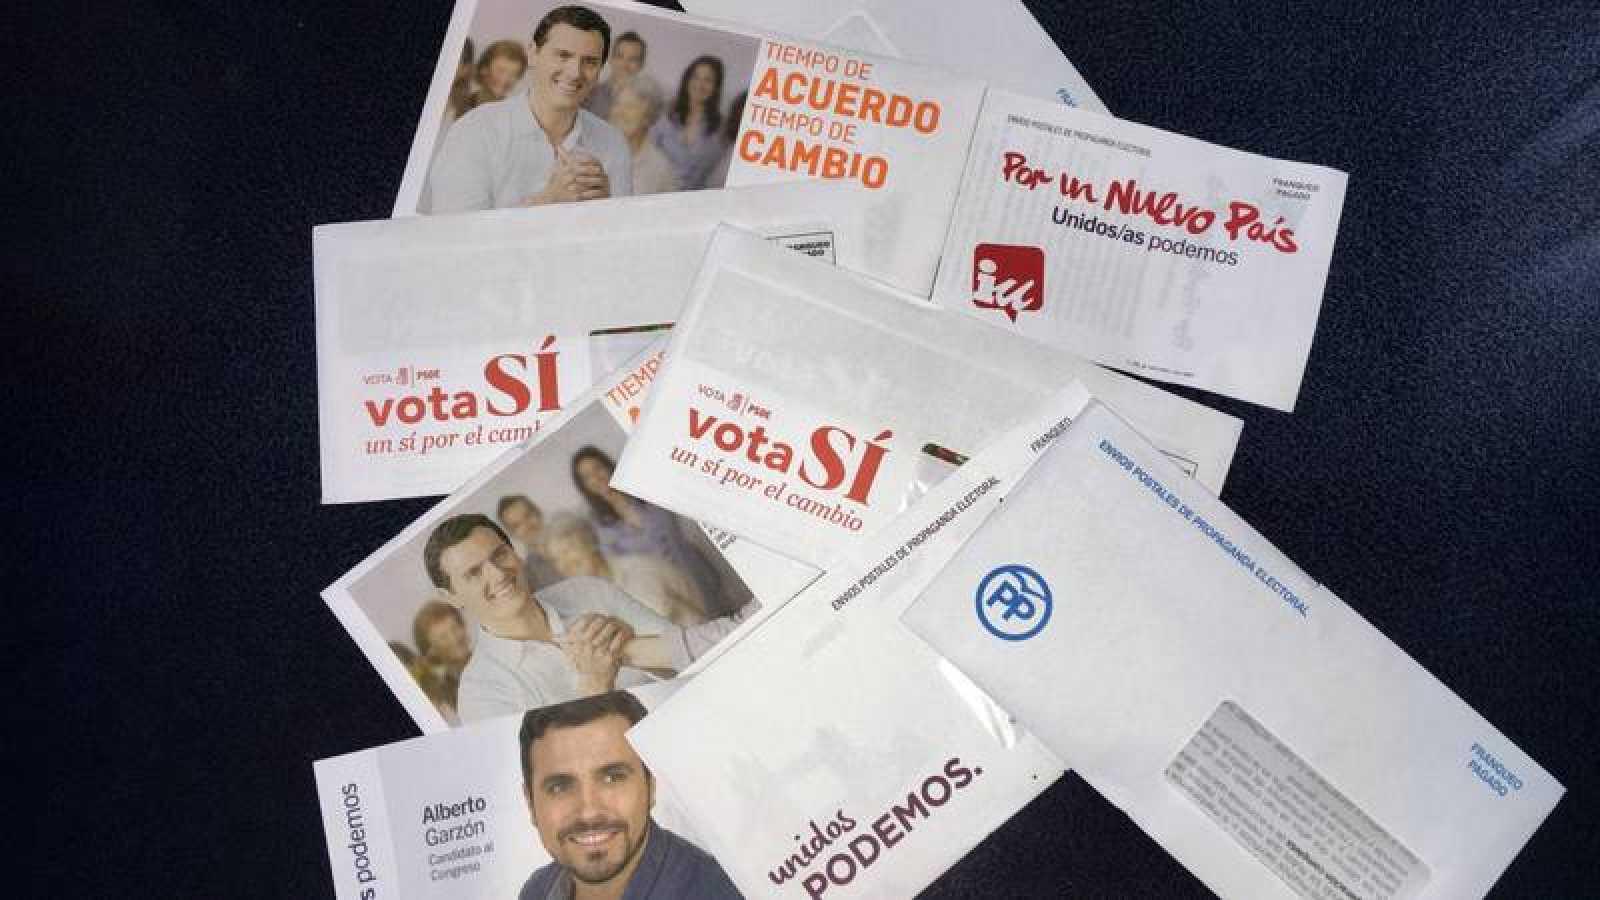 Sobres de envío postal electoral utilizados en las pasadas elecciones generales.